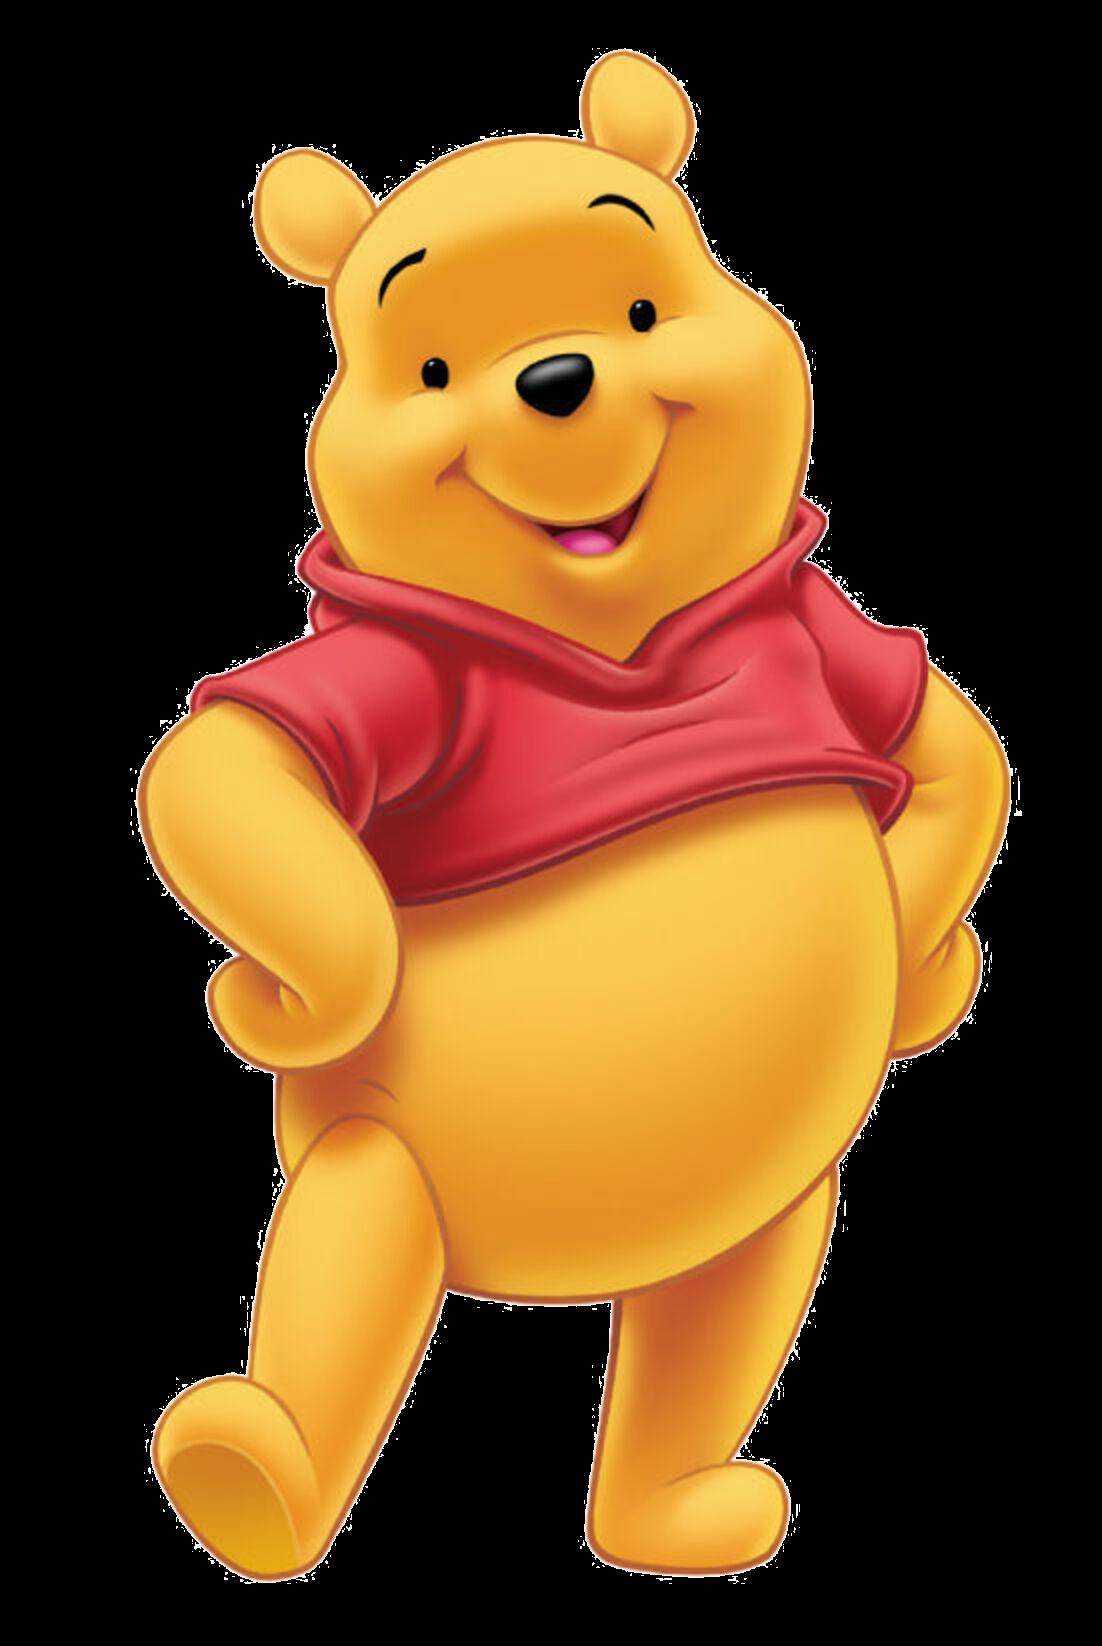 Image winnie the poohg disney wiki fandom powered by wikia winnie the poohg voltagebd Gallery